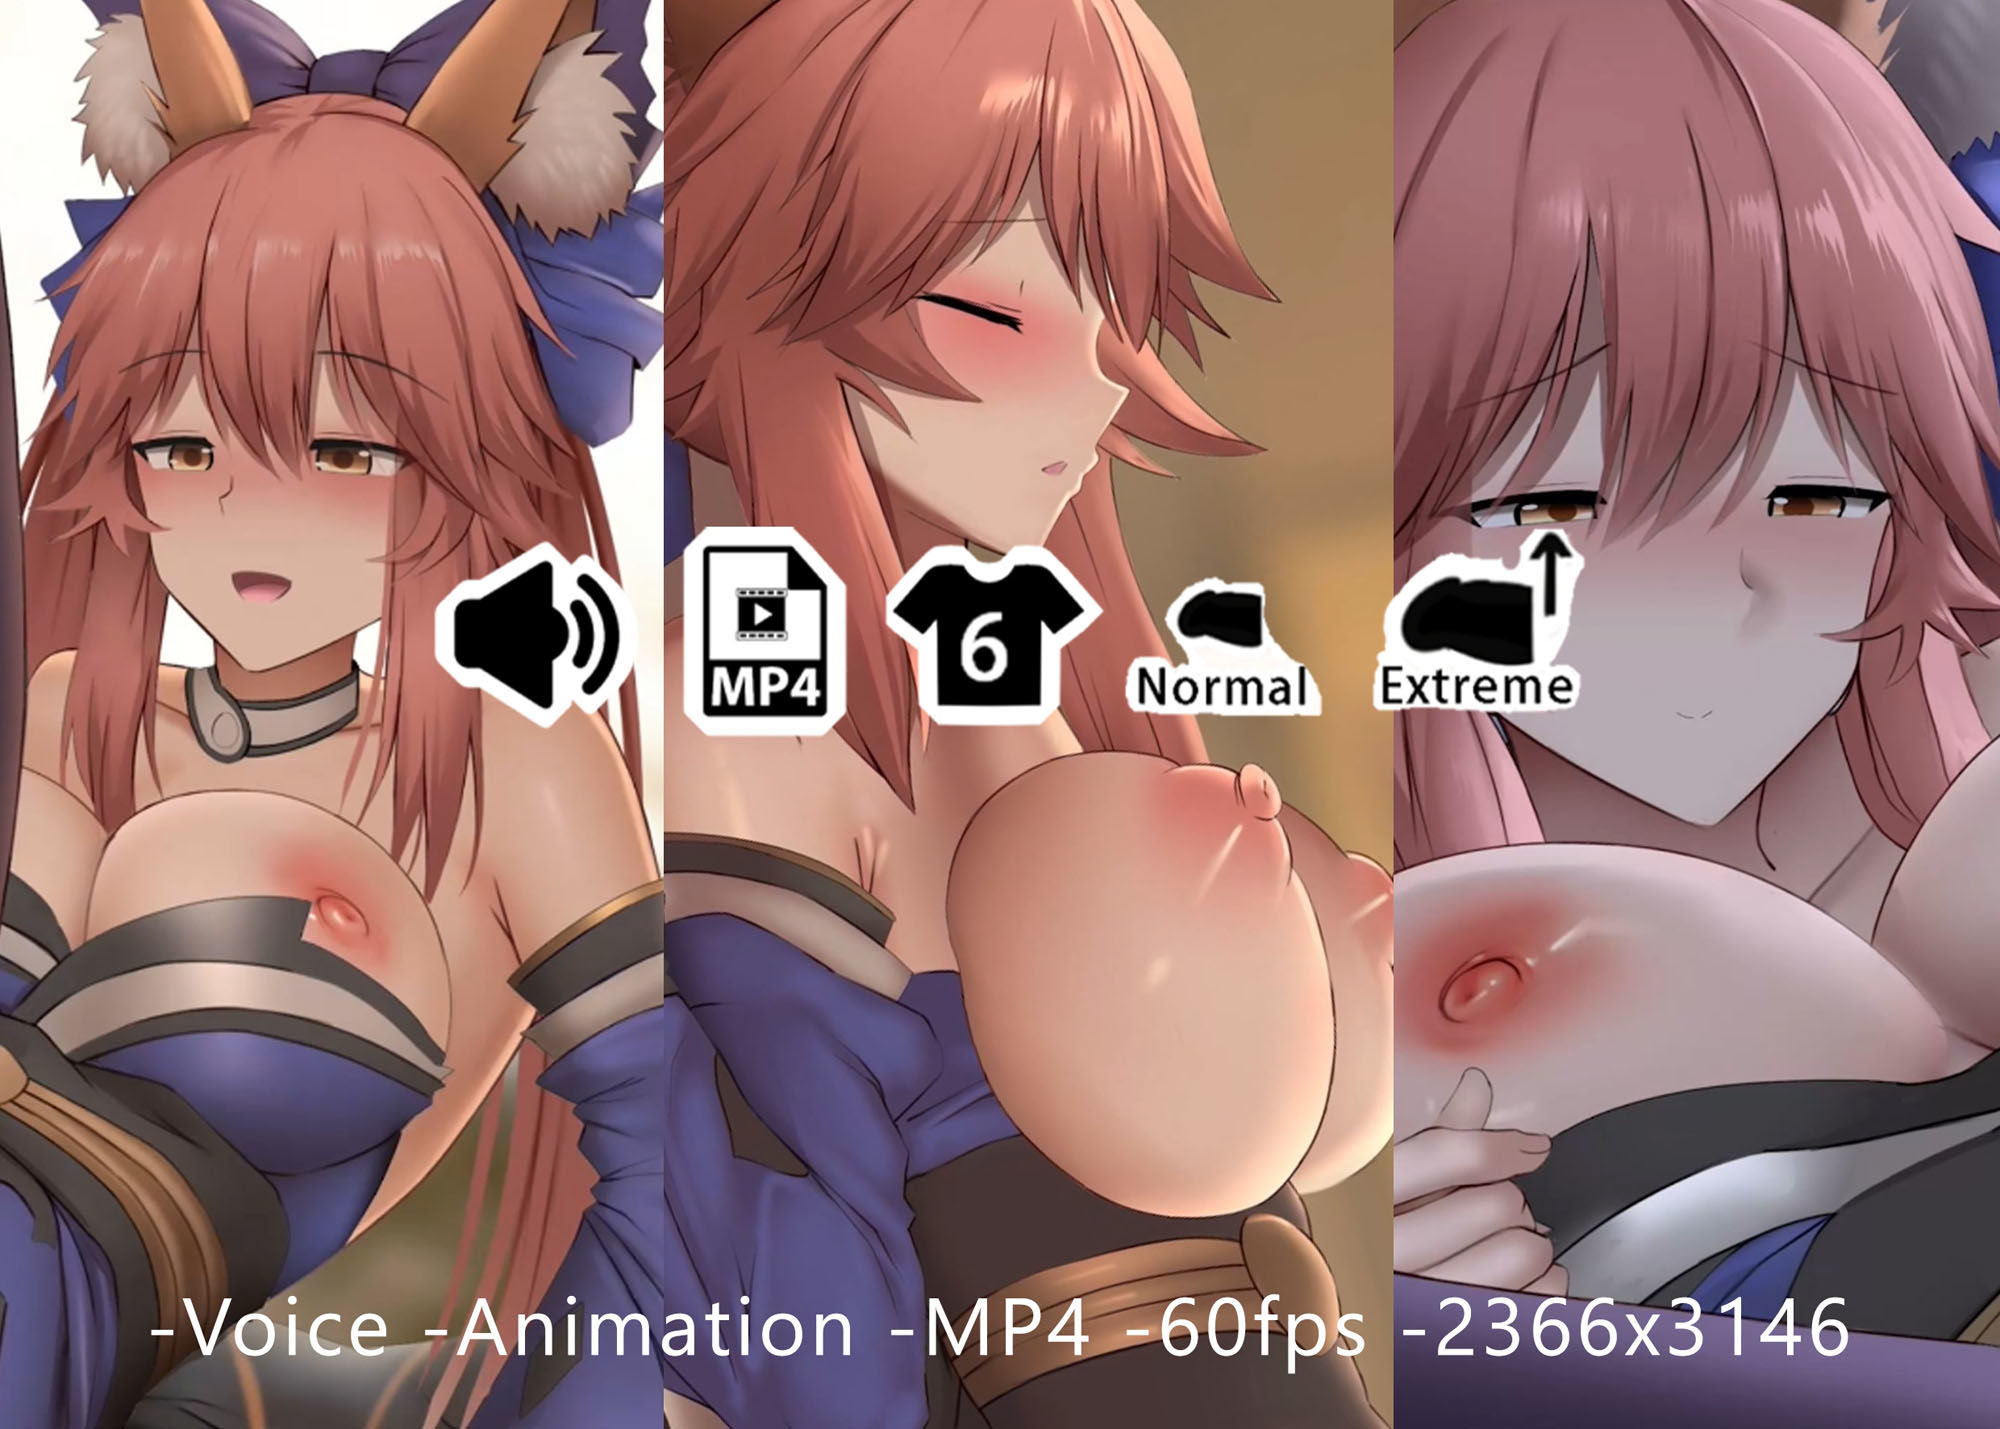 玉藻前 - 同人動画 (ぎんハハ)1